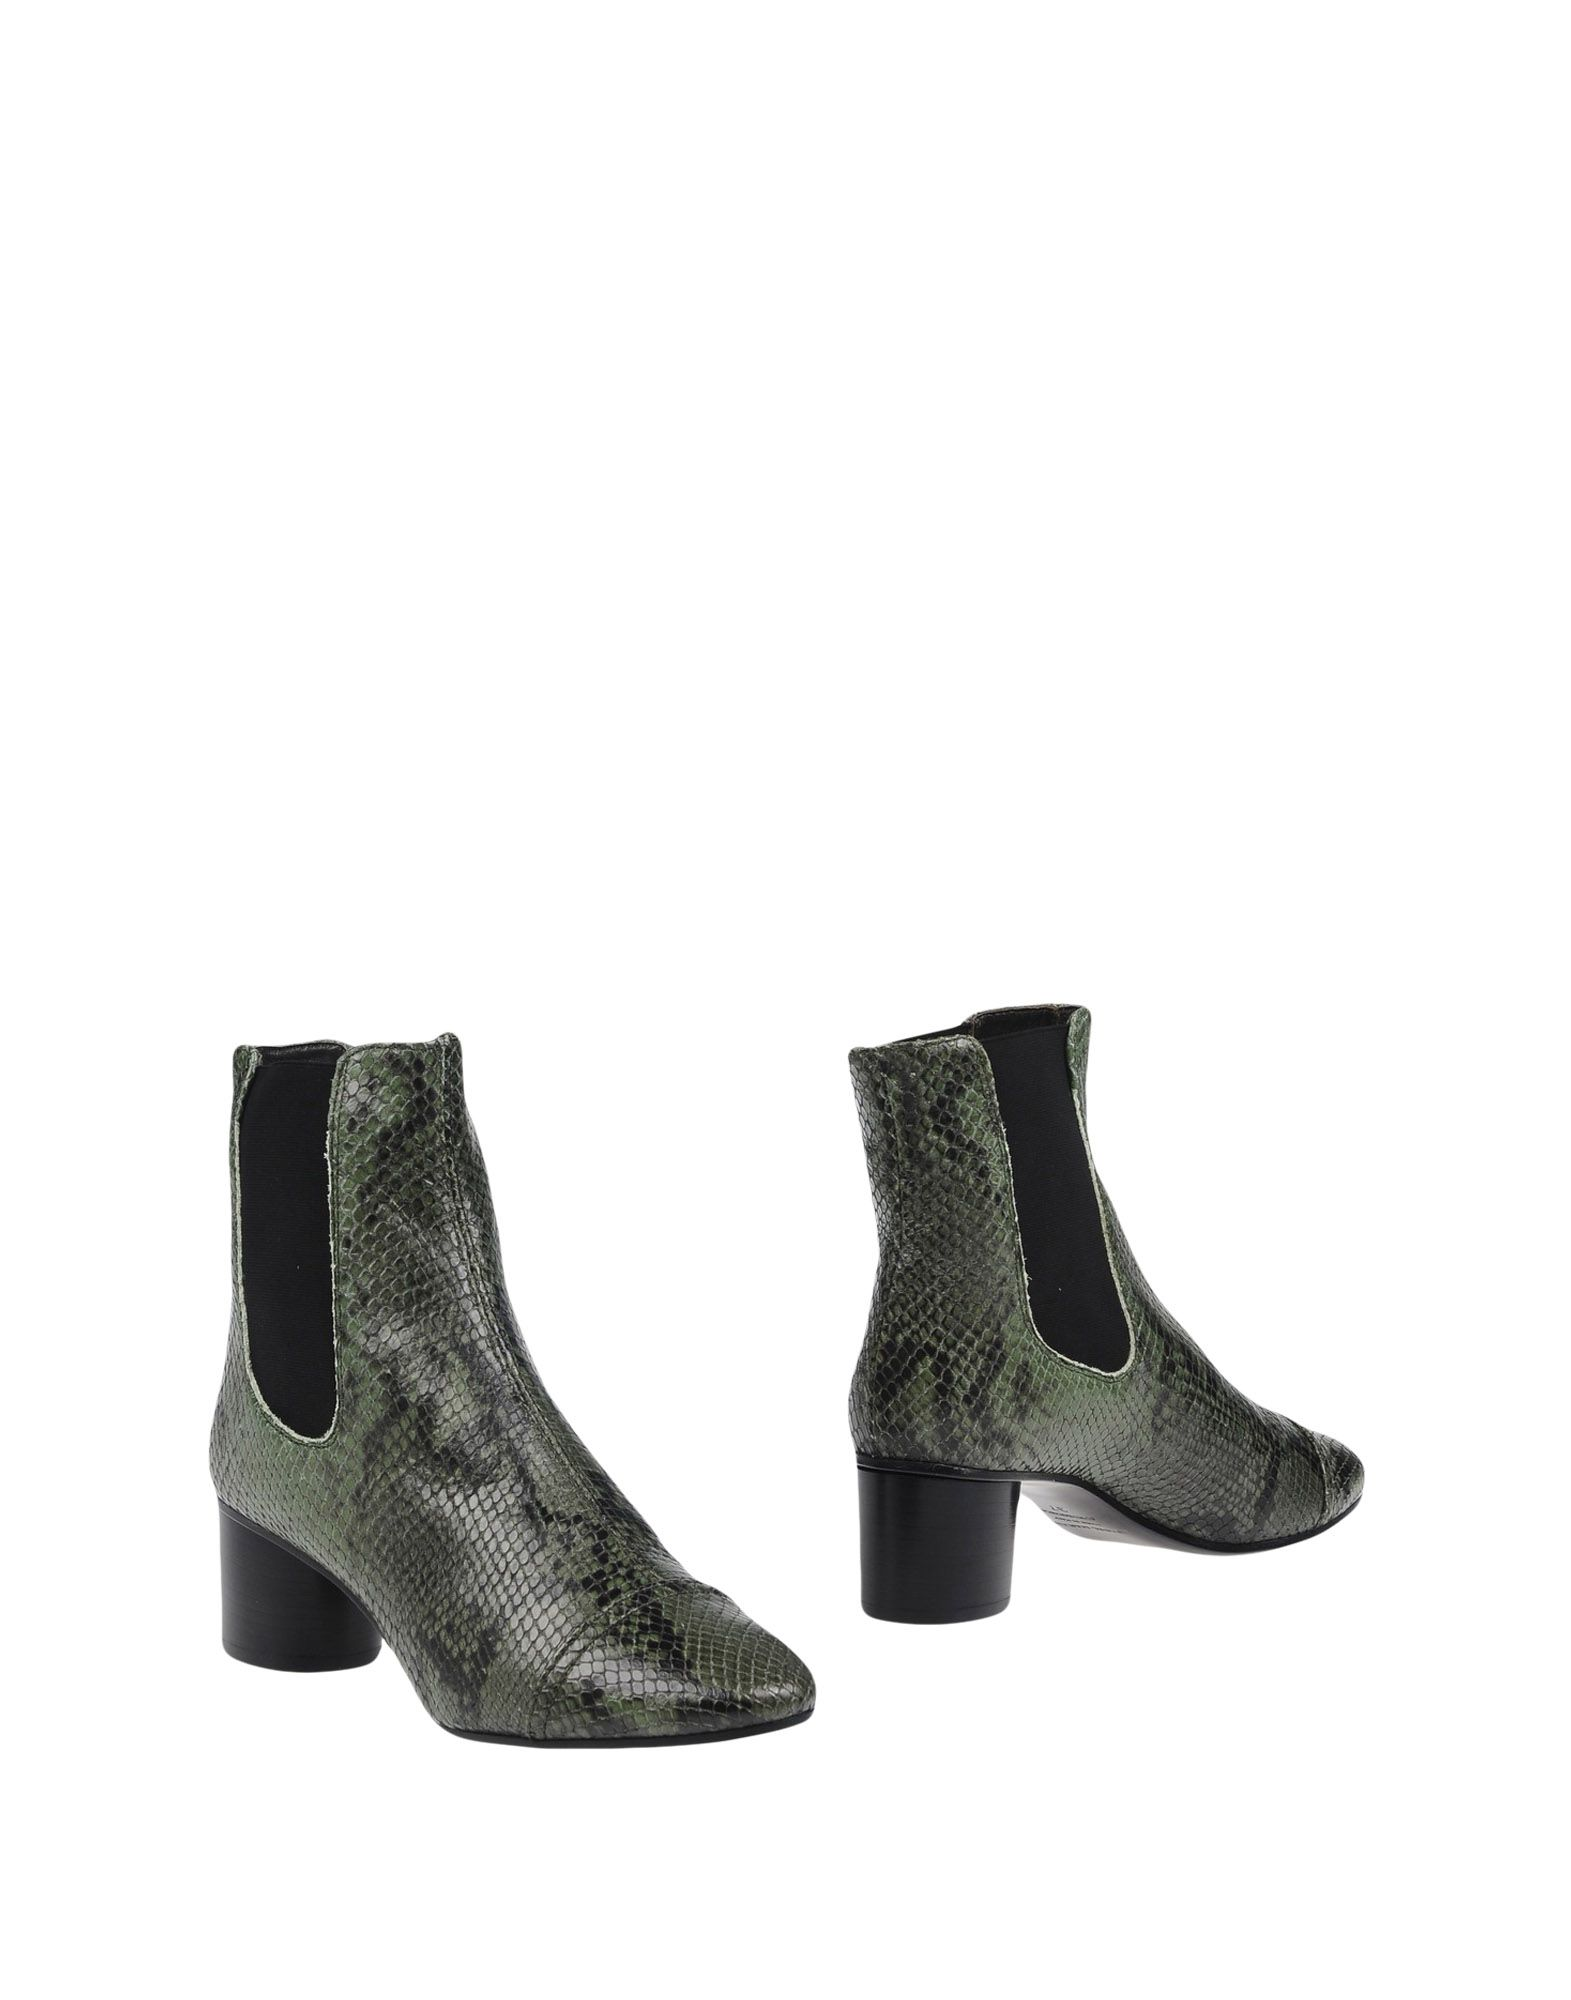 Isabel Marant gut Stiefelette Damen  11235934EGGünstige gut Marant aussehende Schuhe 132137